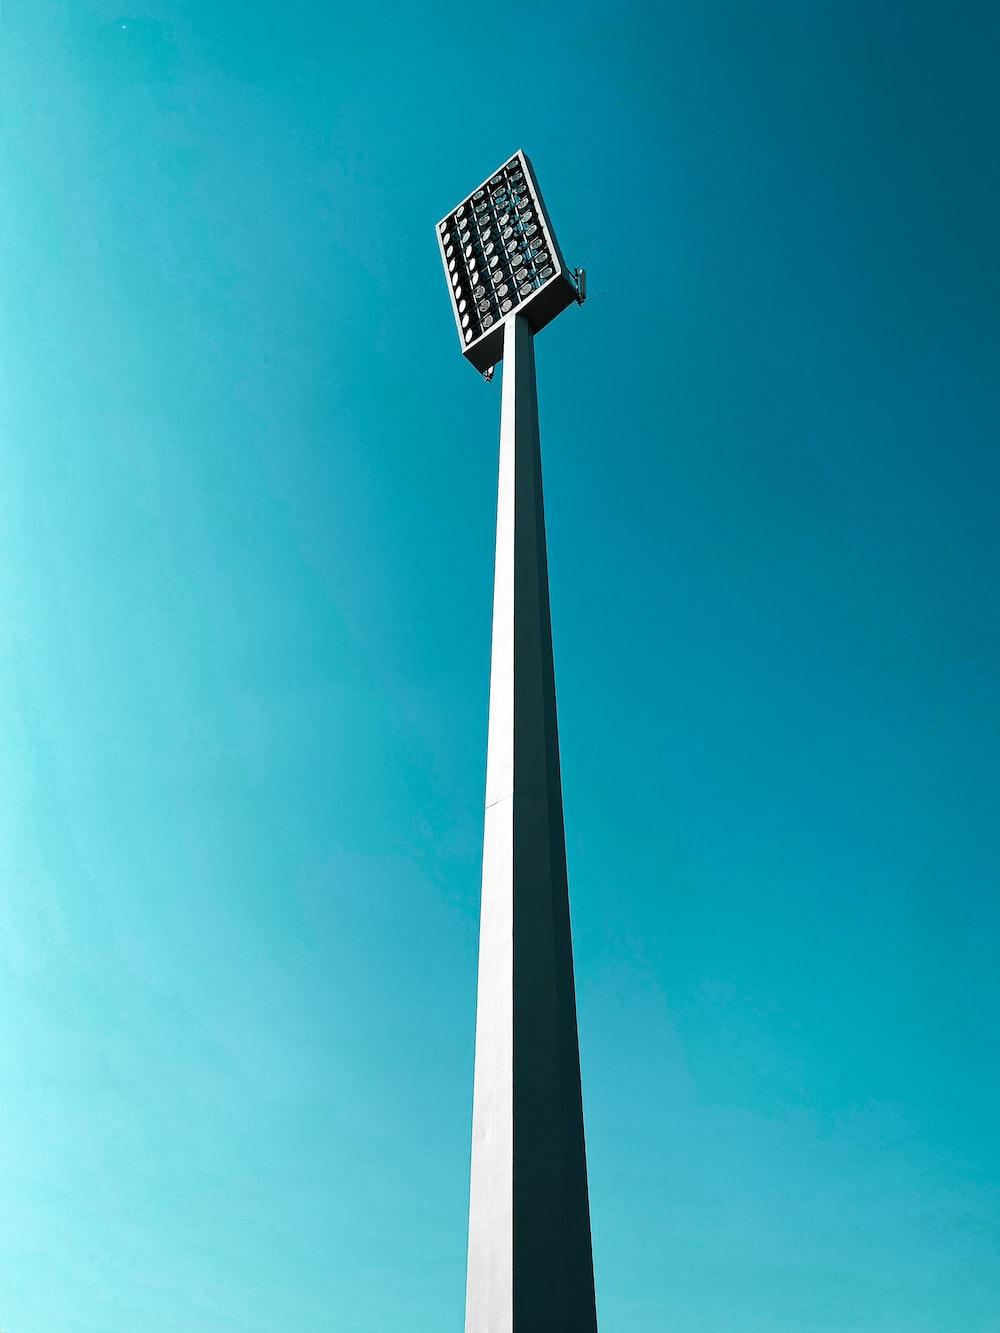 white and black street light under blue sky during daytime